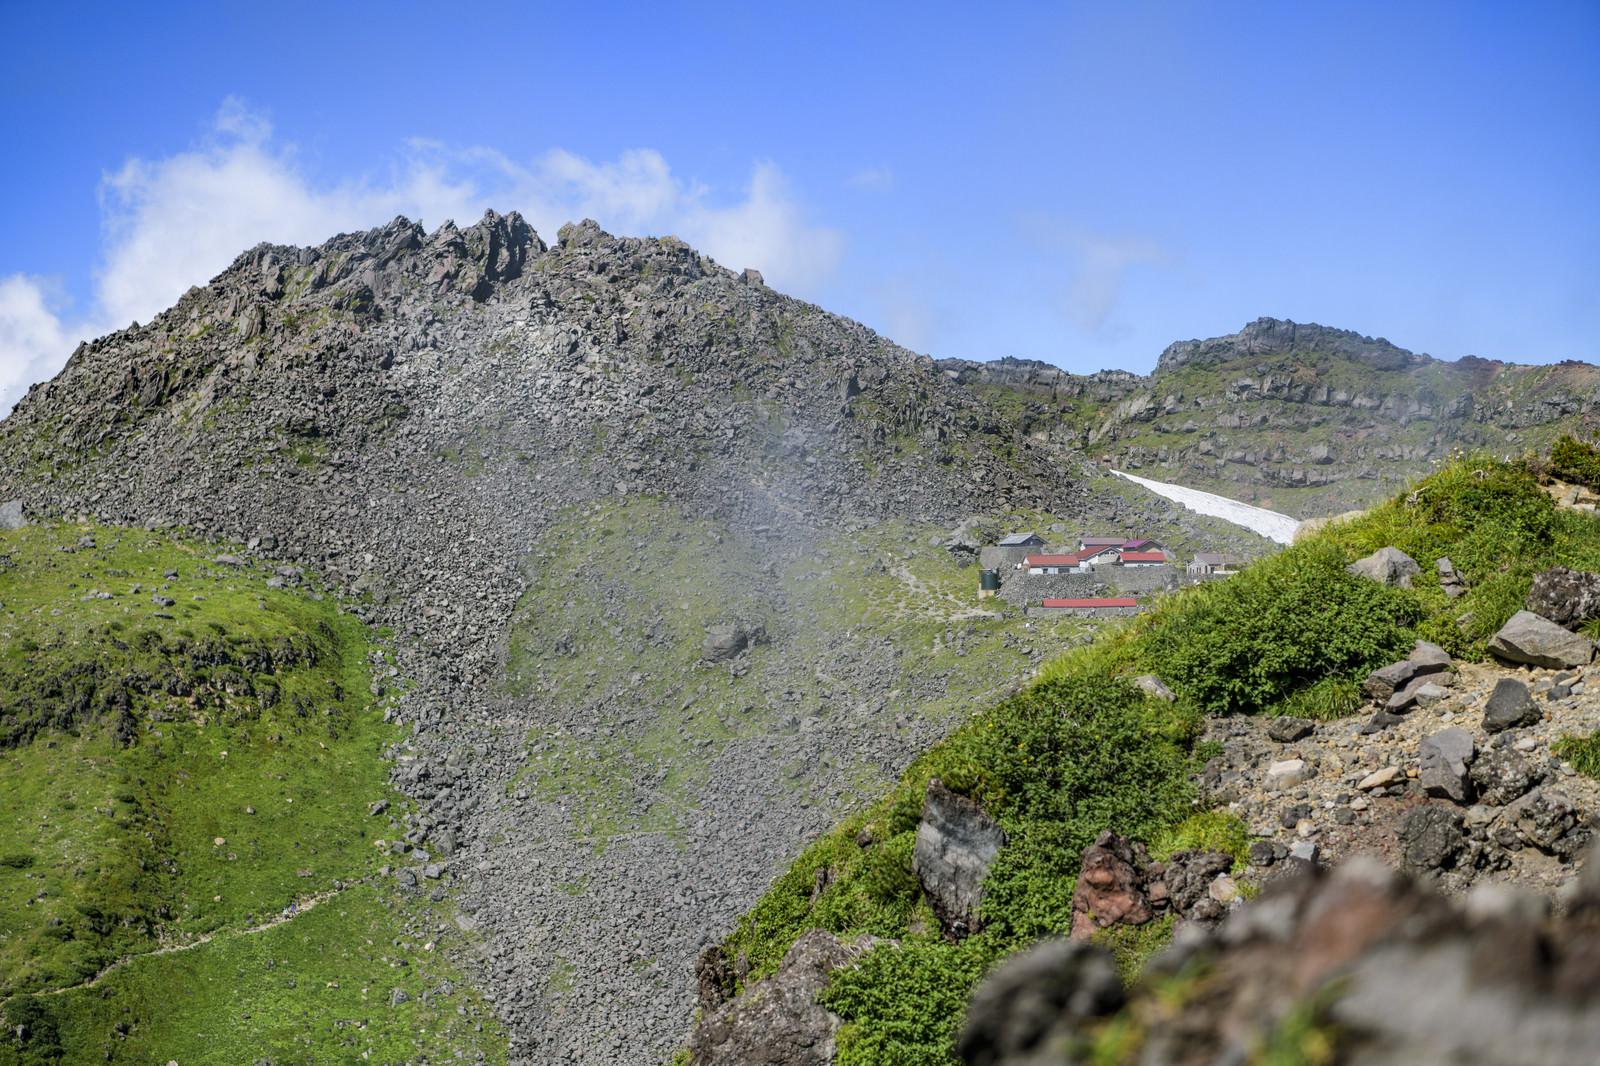 「外輪から見る鳥海山山頂と山小屋」の写真